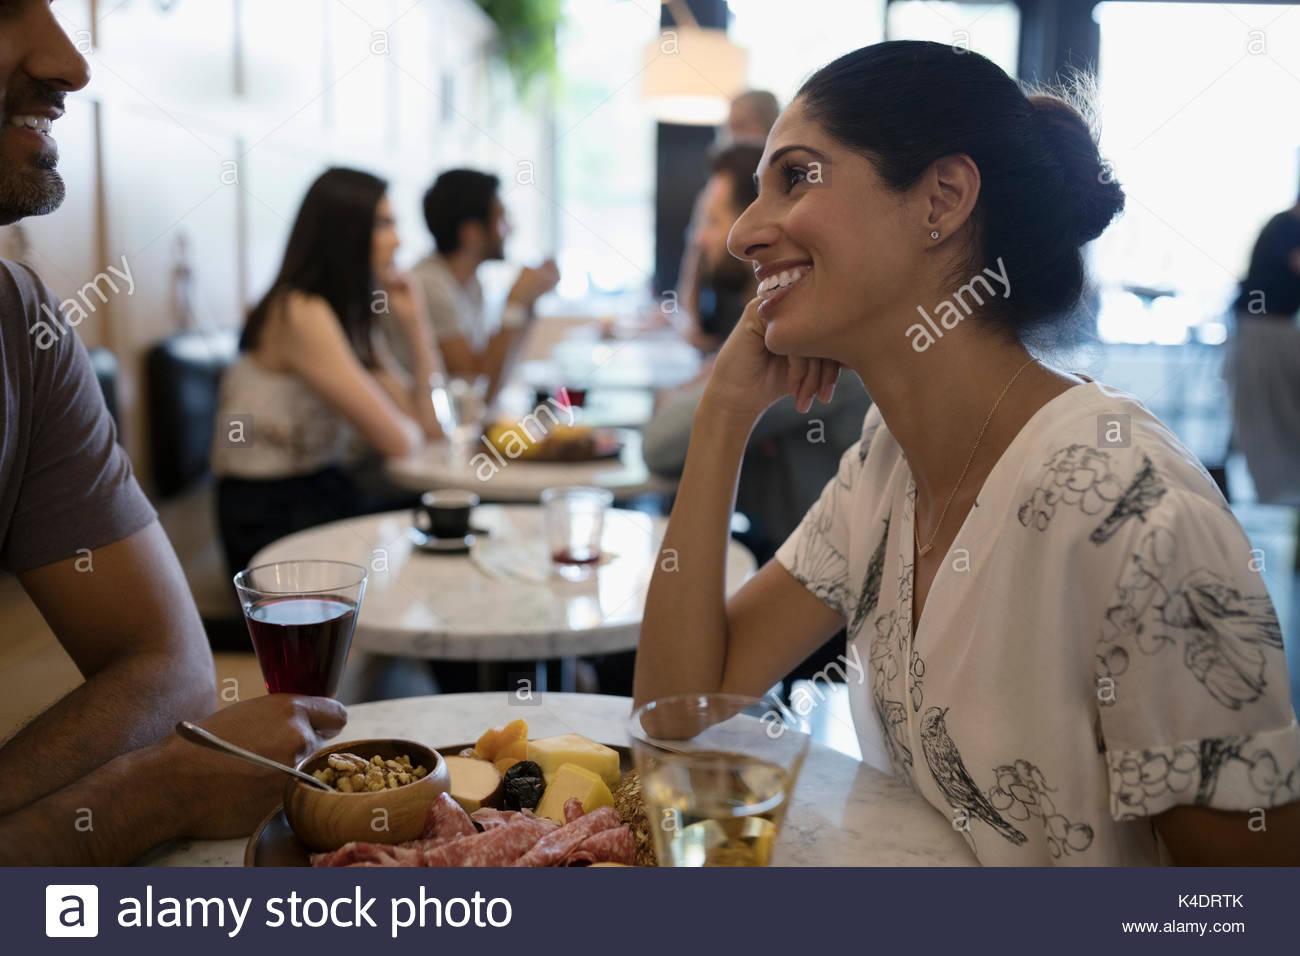 Lächelnde Frau mit Freund, und sie aßen und tranken Wein im Cafe Tabelle Stockbild